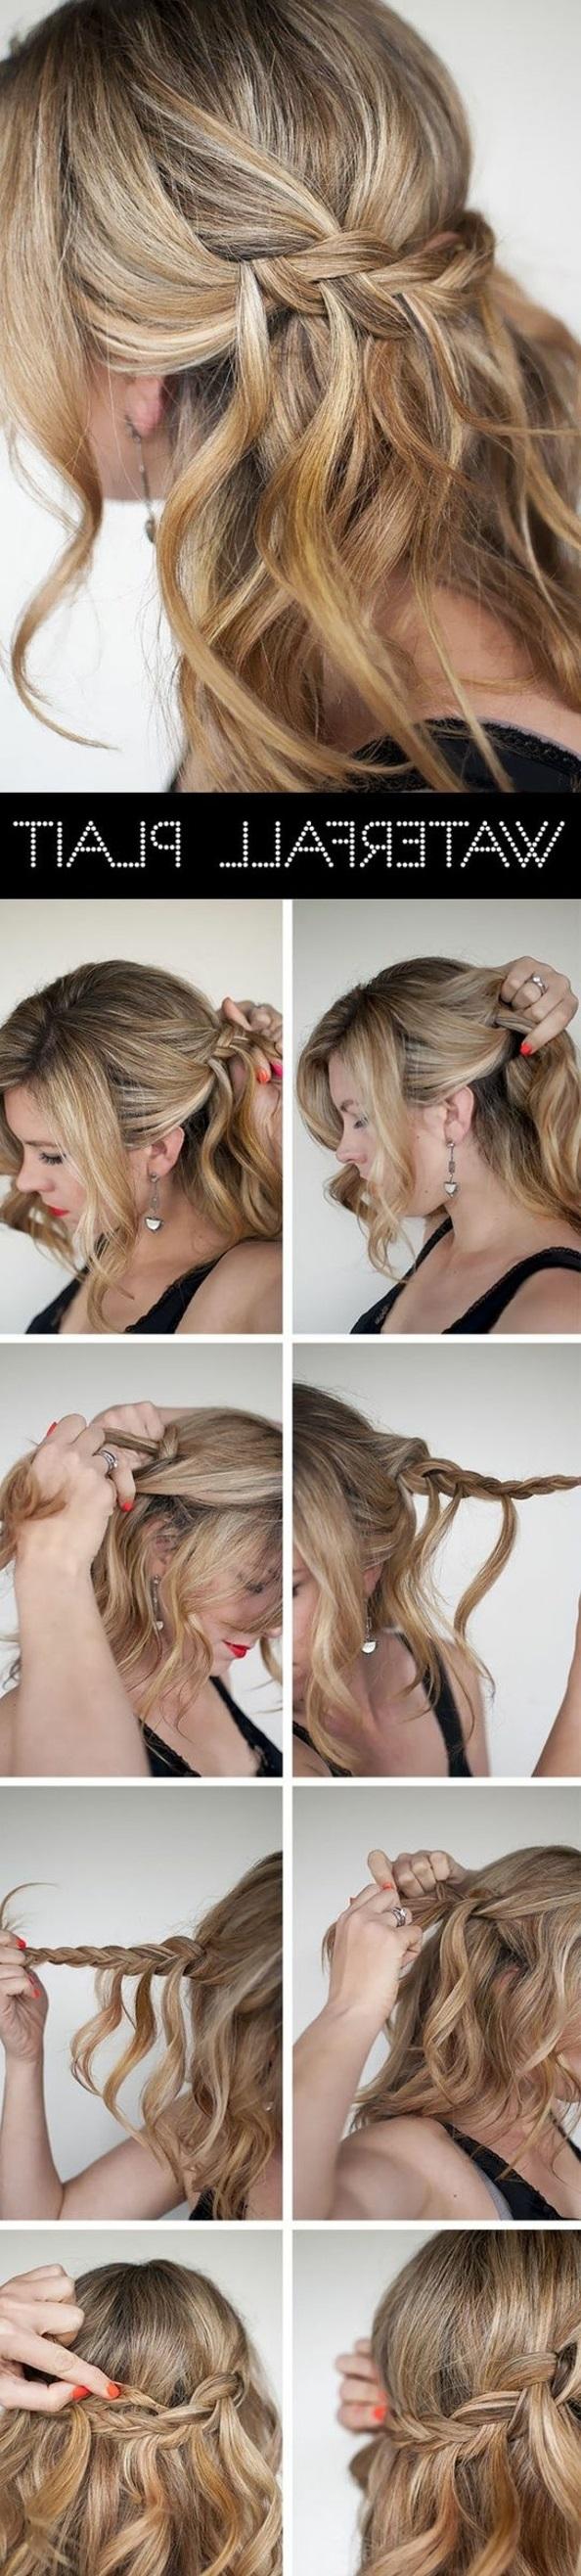 coiffure-de-mariée-comment-faire-une-jolie-chignon-cheveux-mi-longue